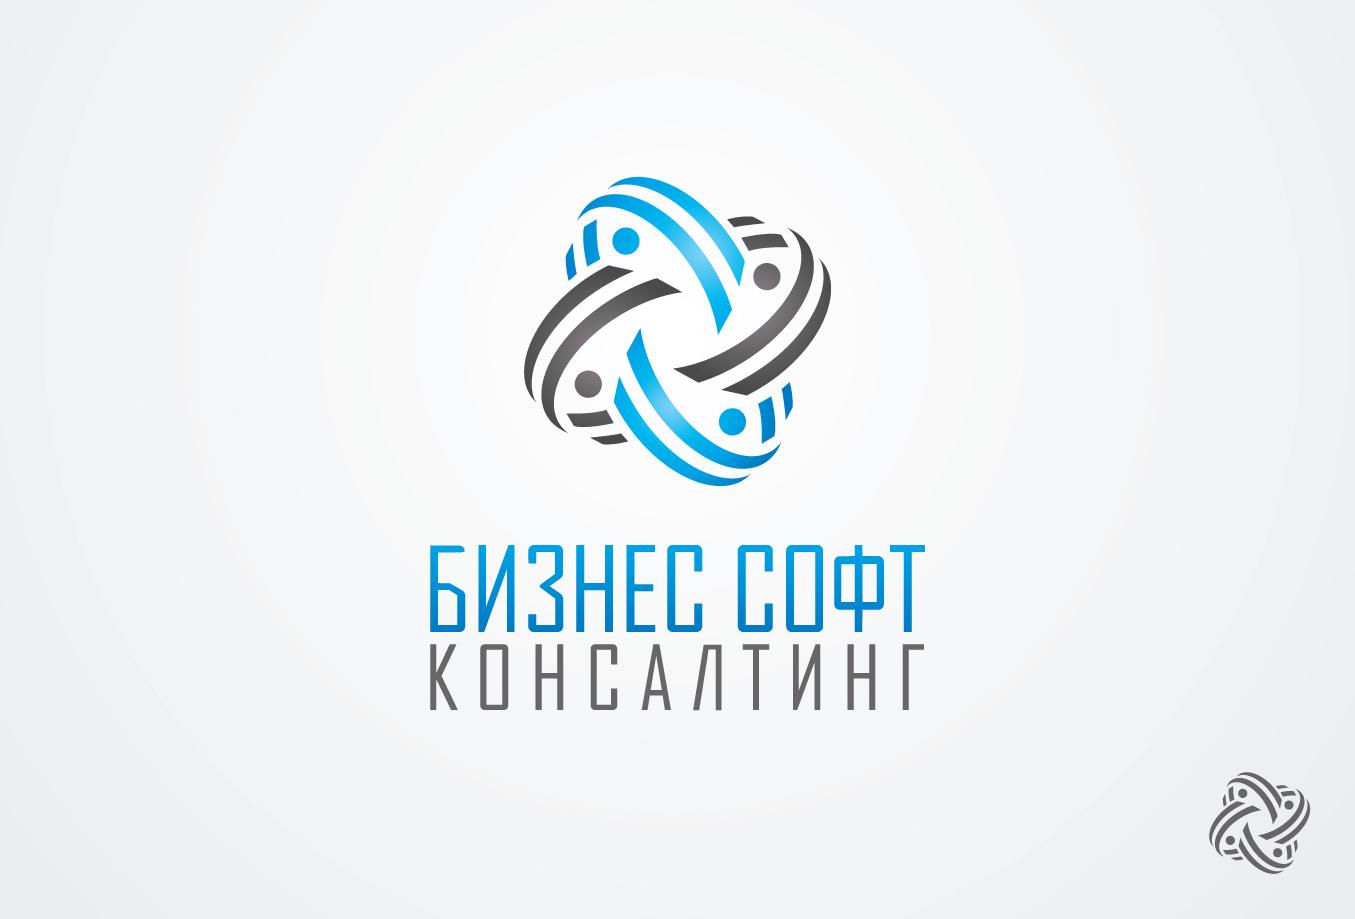 Разработать логотип со смыслом для компании-разработчика ПО фото f_504f01998bab9.jpg